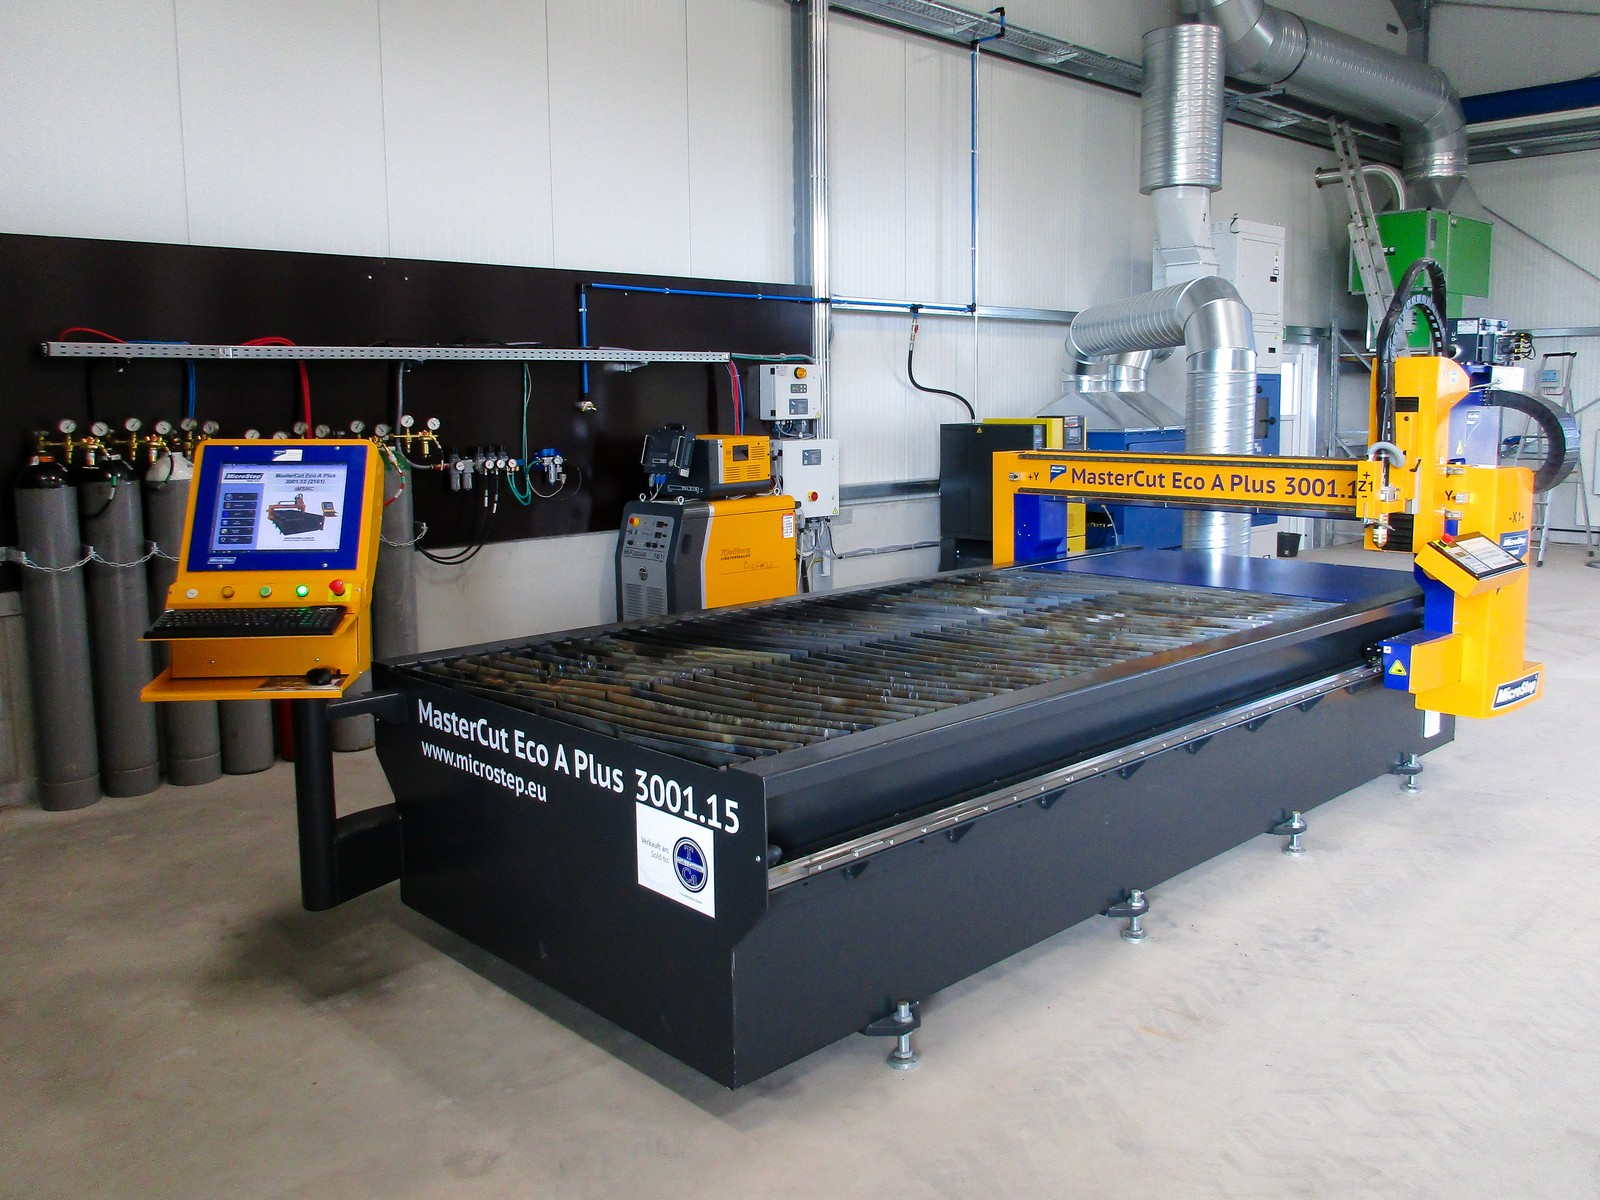 Plasmaschneidanlage Master Cut Eco mit einer Arbeitsfläche von 3.000 mm x 1.500 mm bei T+CA Metallbau. Plasmastromquelle ist eine Kjellberg Hi Focus 161i Neo.